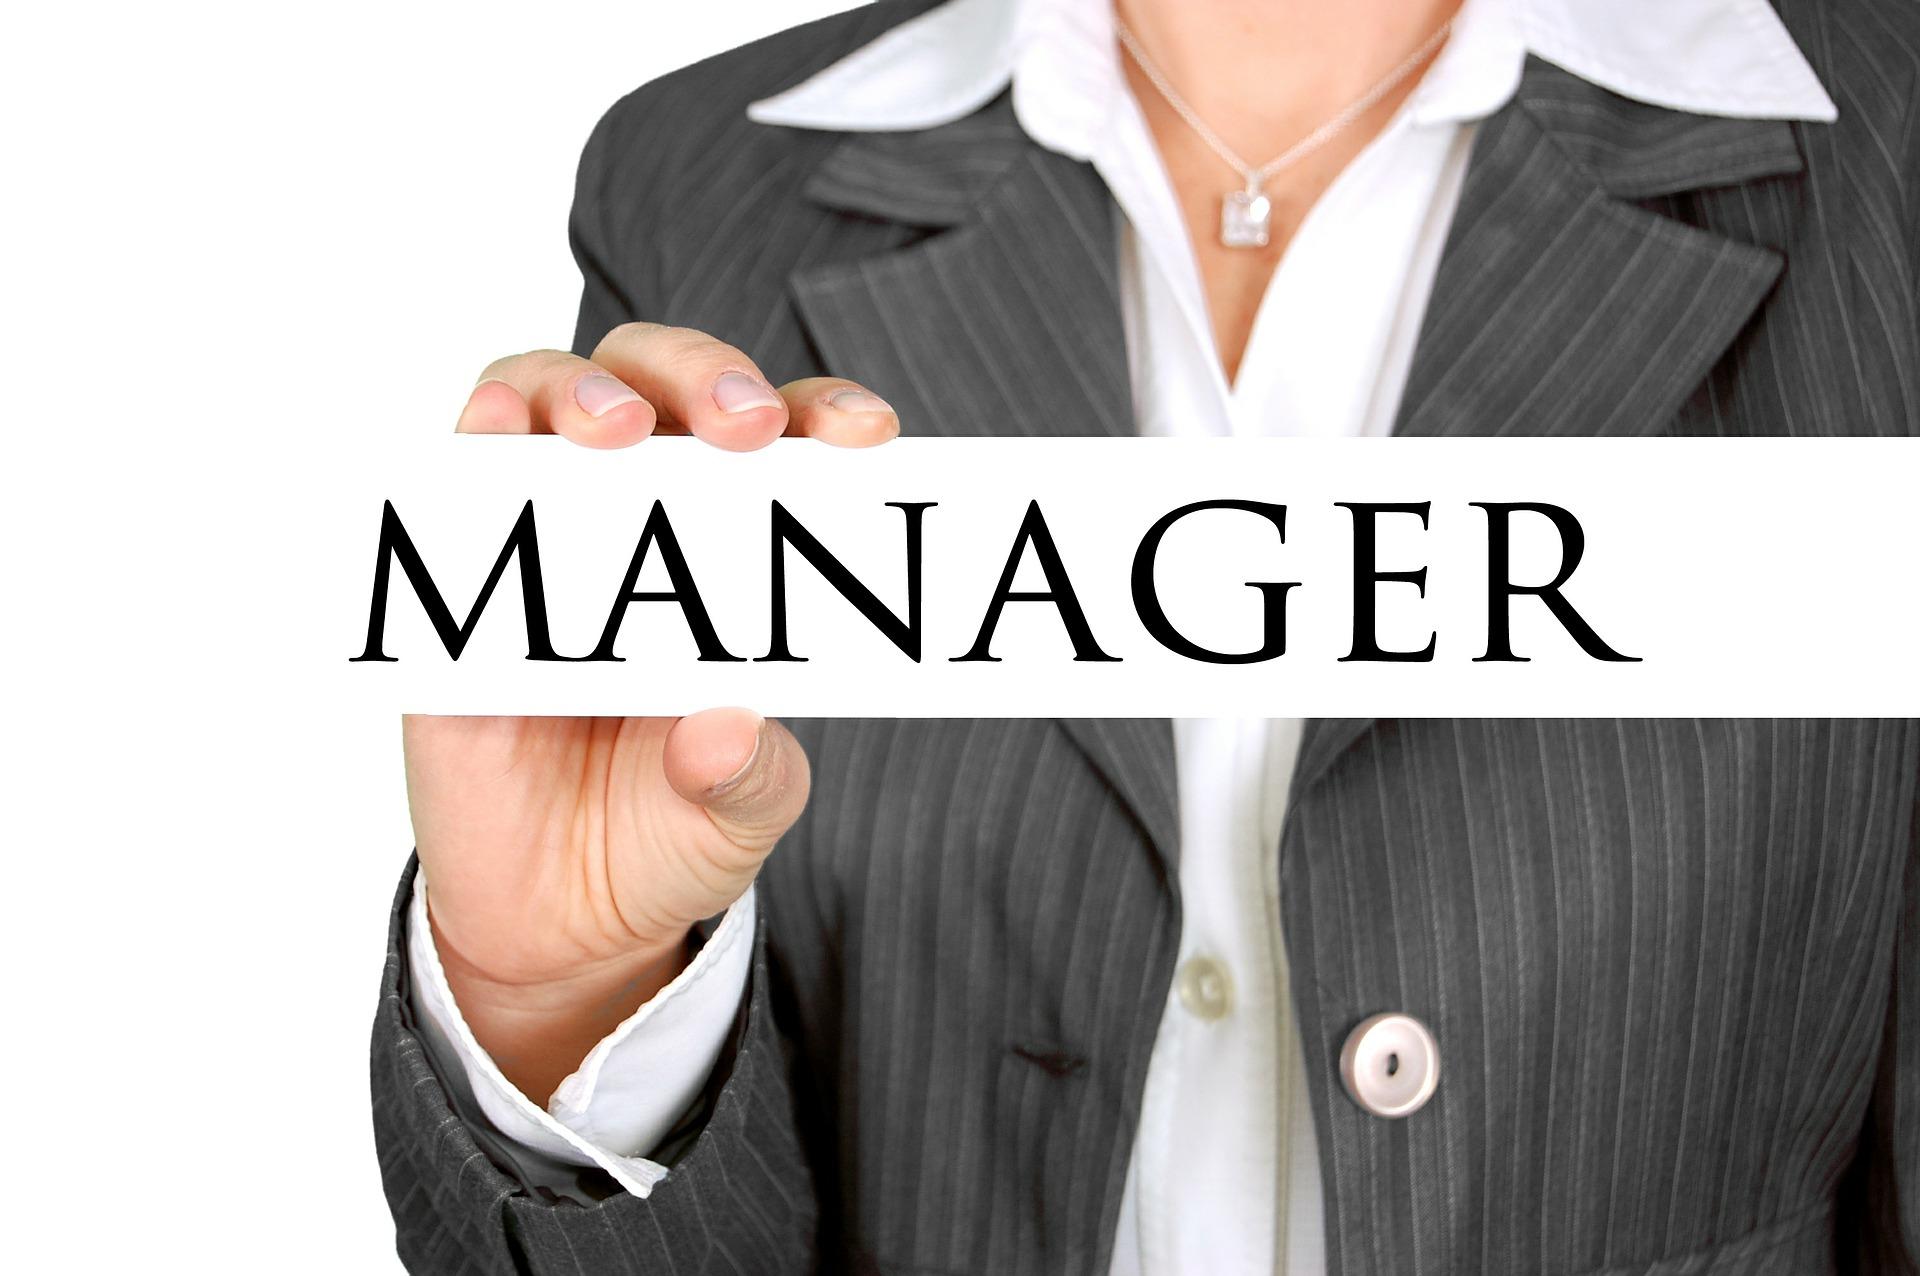 なぜ女性社員の8割は管理職になりたくないのか?管理職になるための裏話。